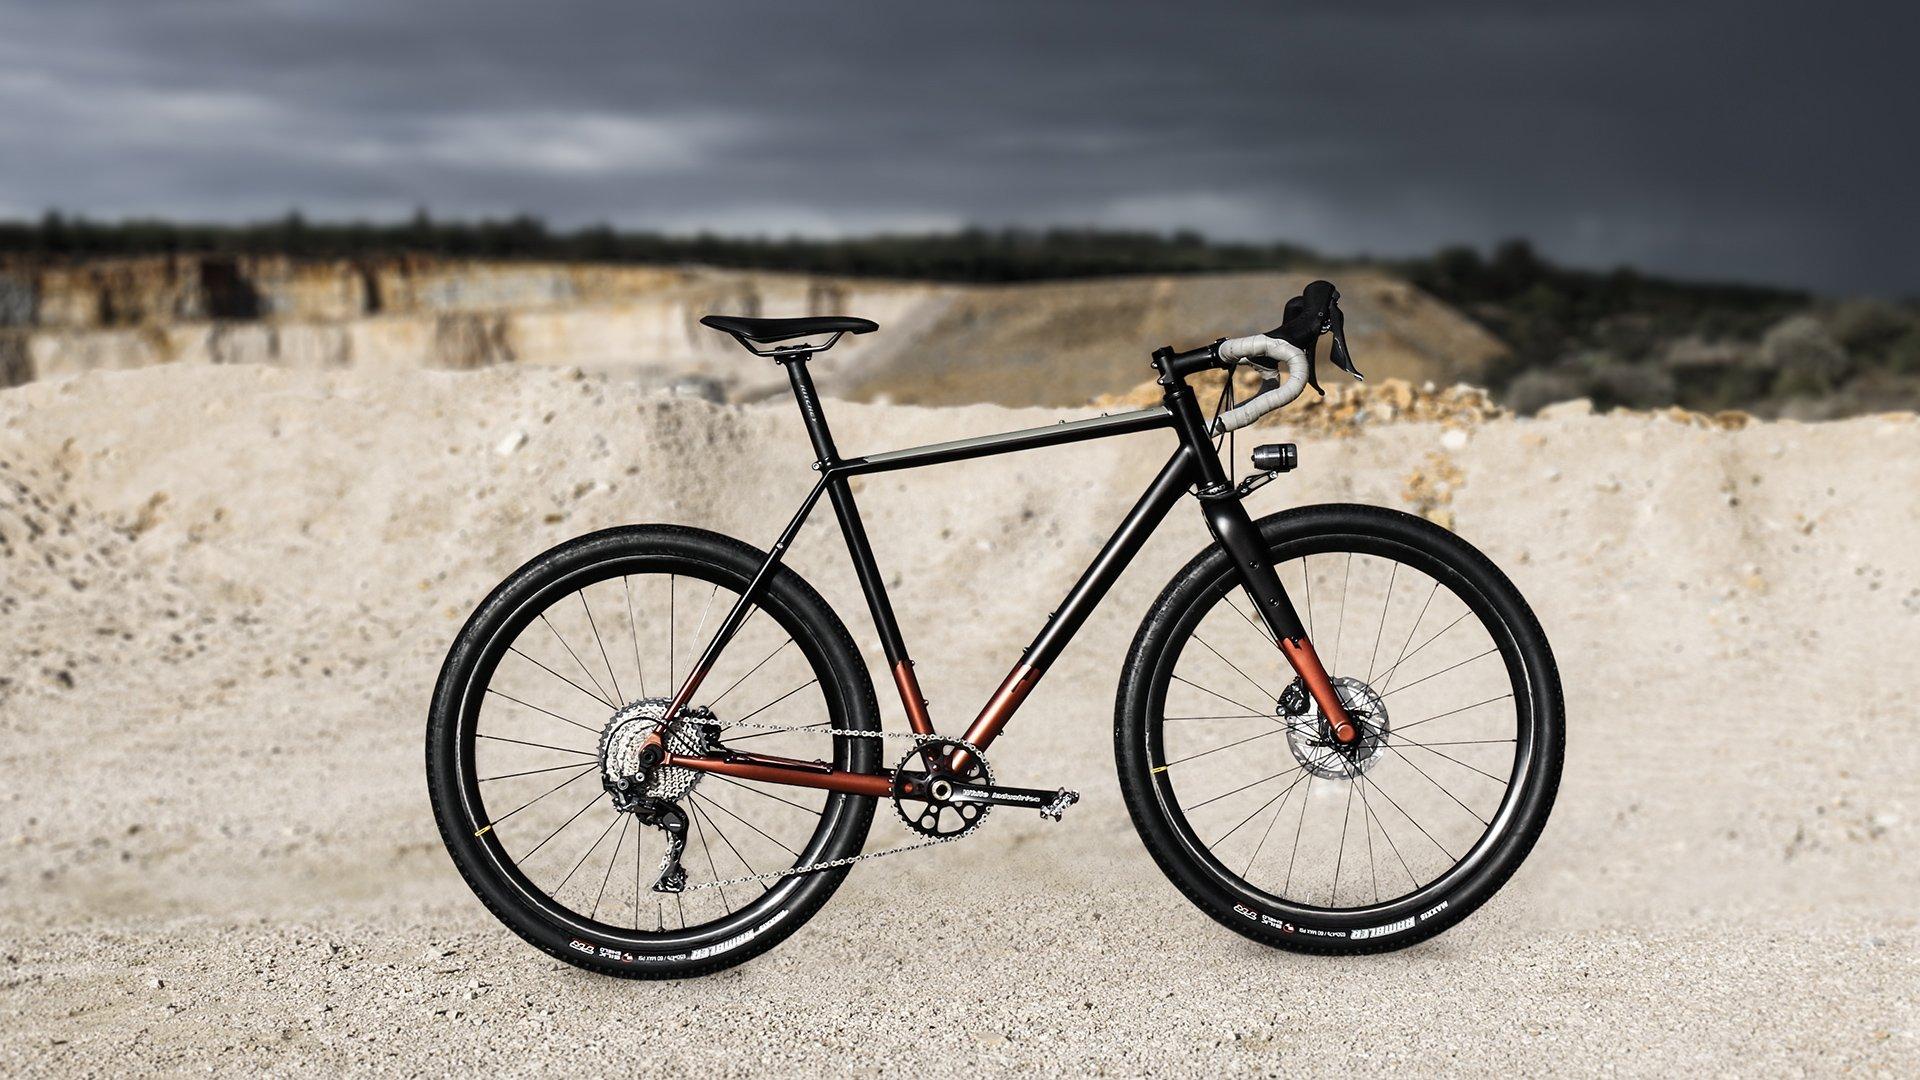 Vélo Wish One Quest Gravel noir et cuivre de profil sans équipement bikepacking dans une carrière